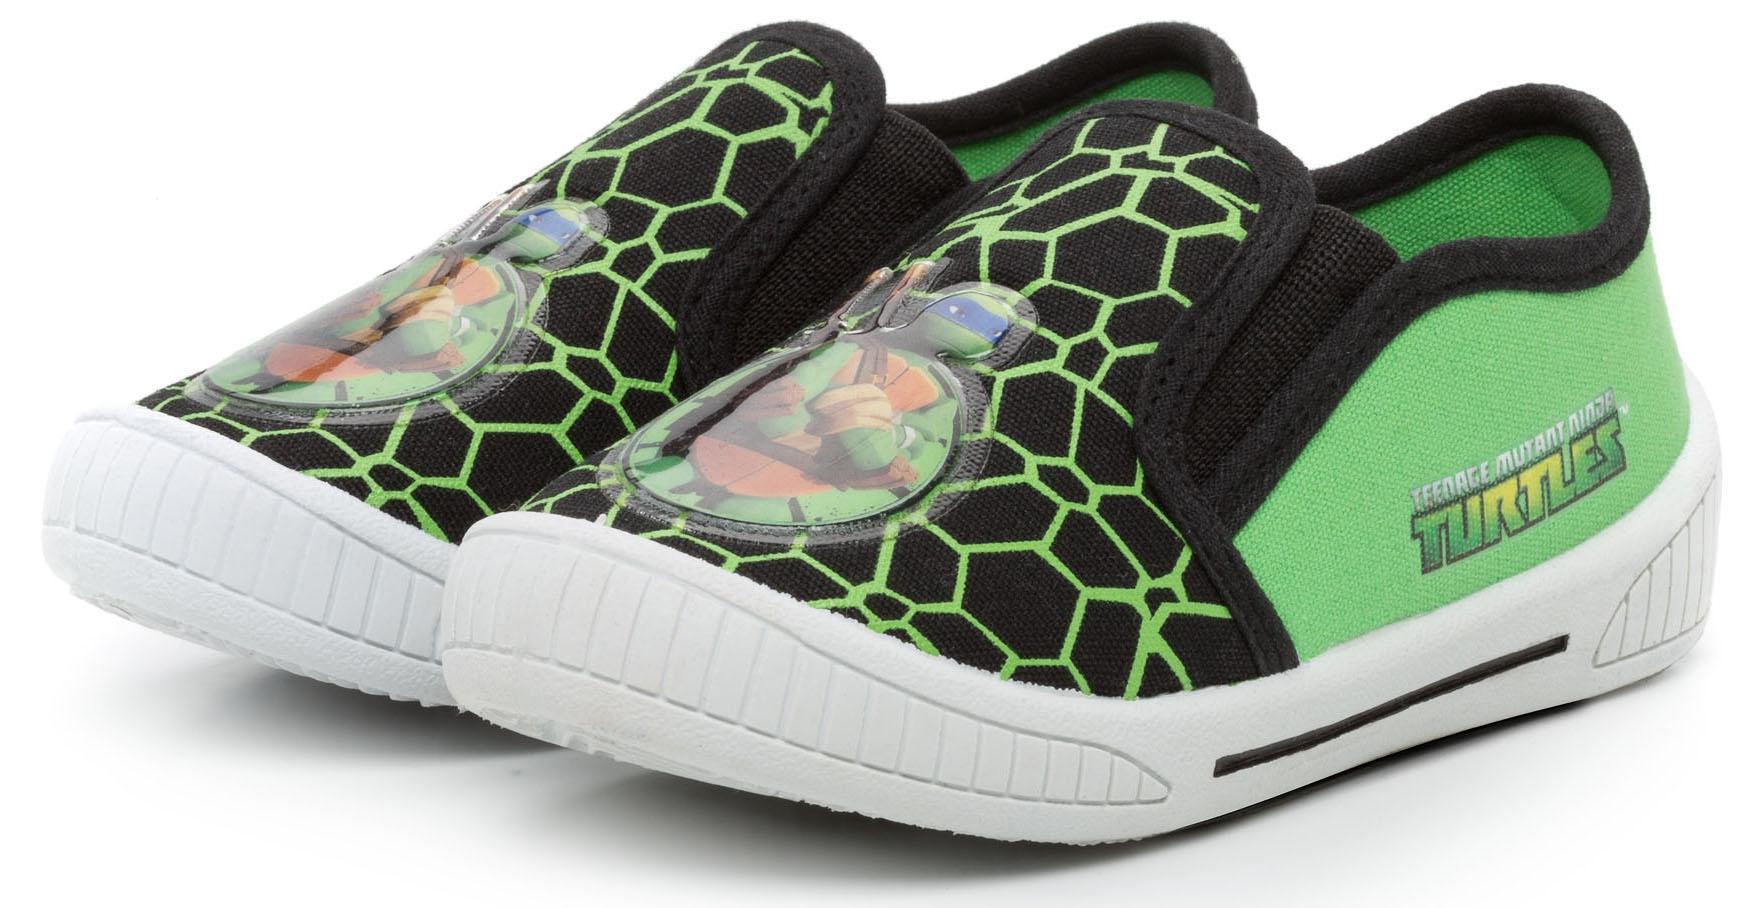 Черепашки Ниндзя TM NINJA TURTLES Полуботинки типа кроссовых для мальчика Tm Ninja Turtles, черно-зеленые